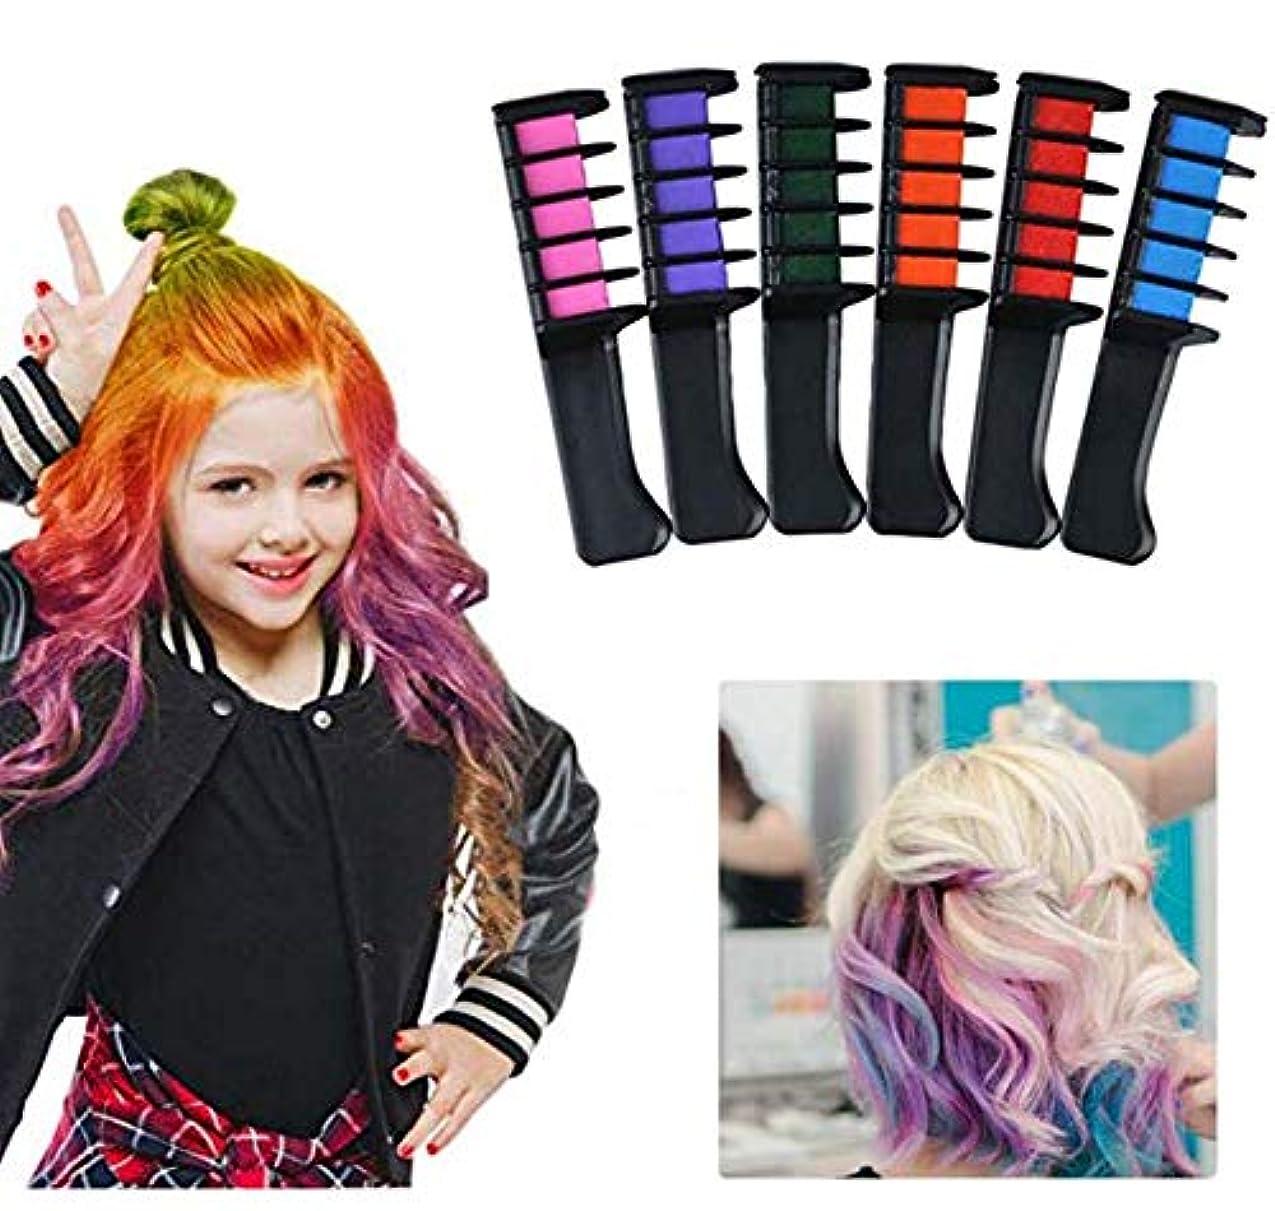 読む否定する混合した子供のための安全な非有毒な一時的な髪のチョークの櫛6色髪の色の櫛髪のチョークの櫛、女の子、パーティー、コスプレ